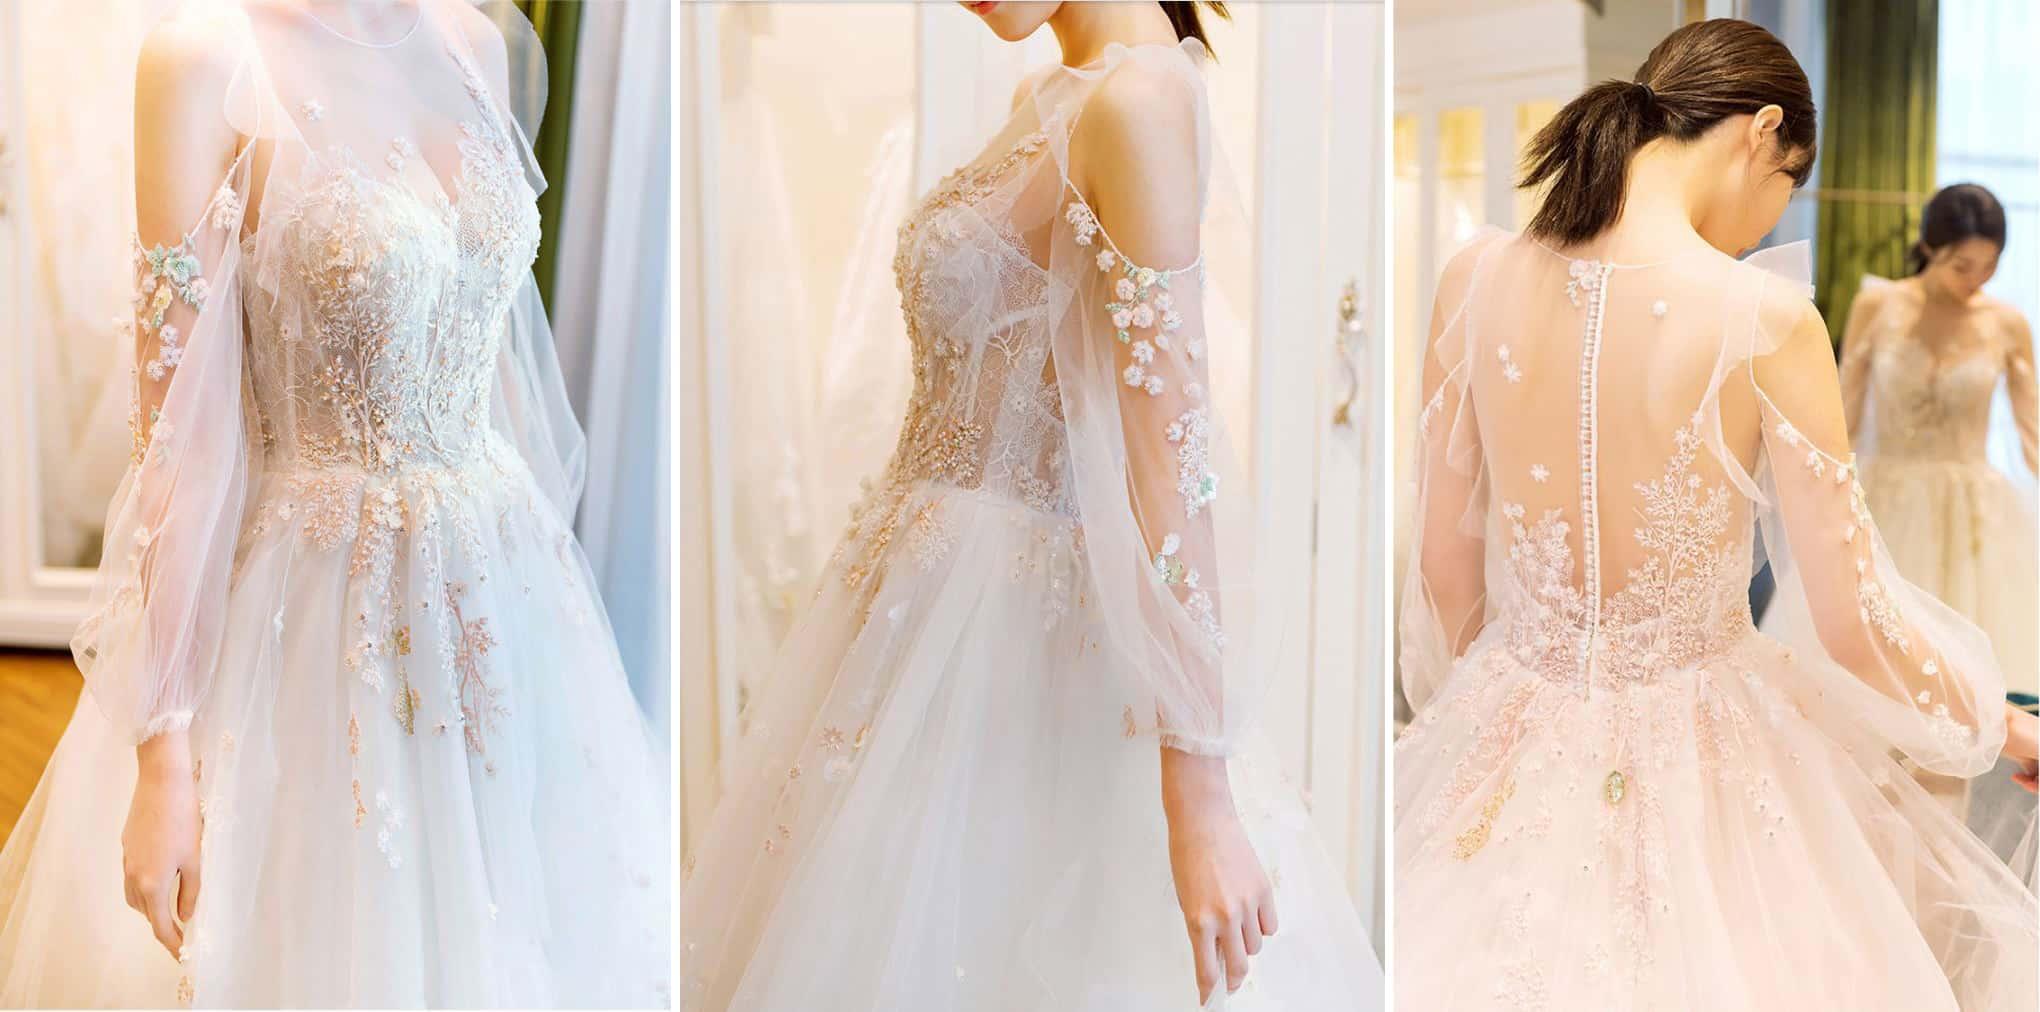 CAMA WEDDING – Địa chỉ may váy cưới đẹp ở Sài Gòn